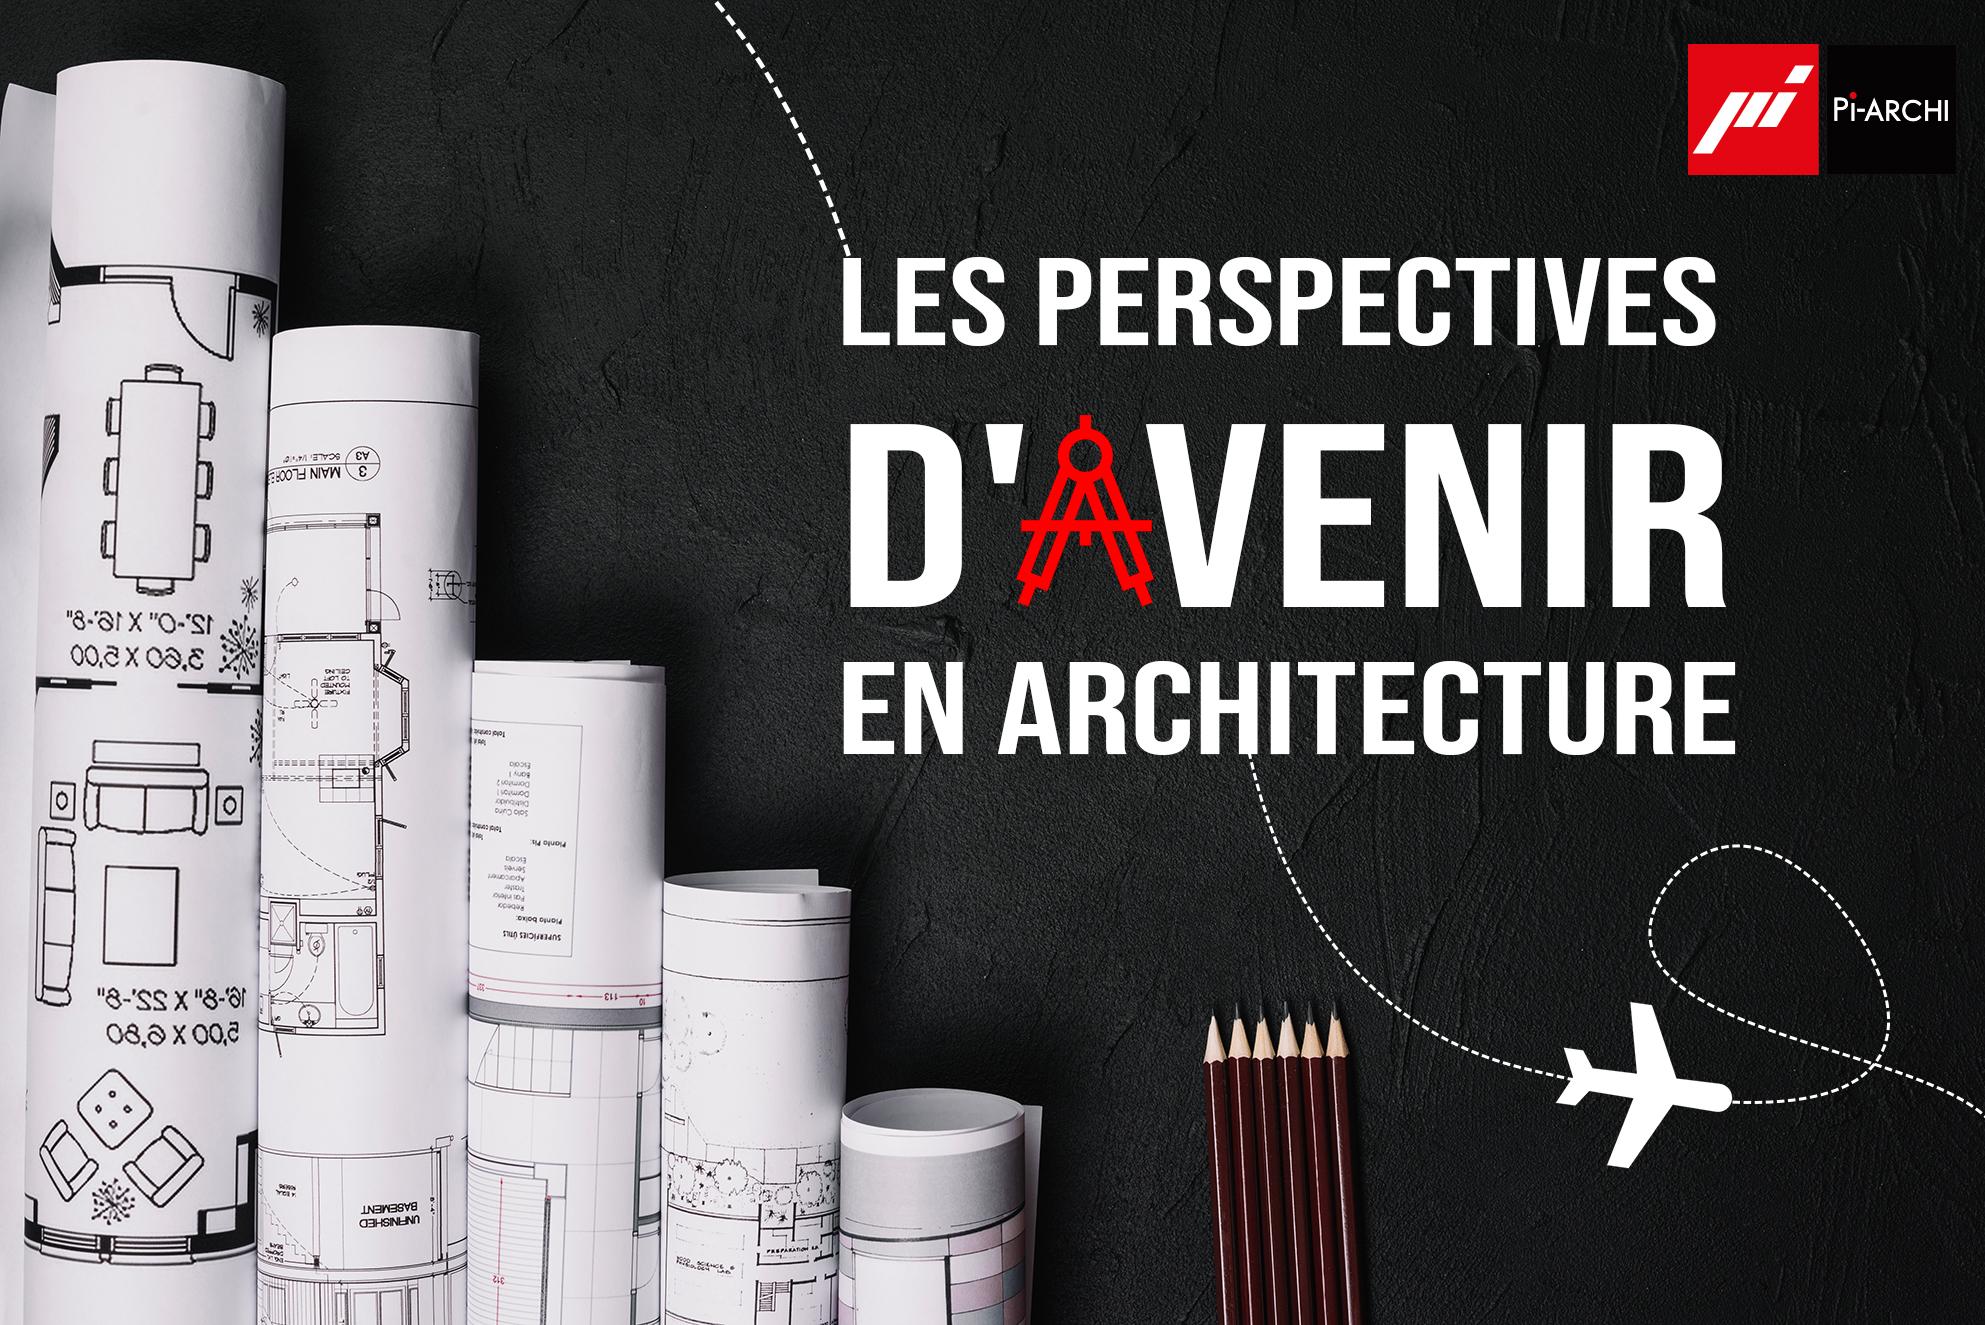 Les nouvelles perspectives en architecture